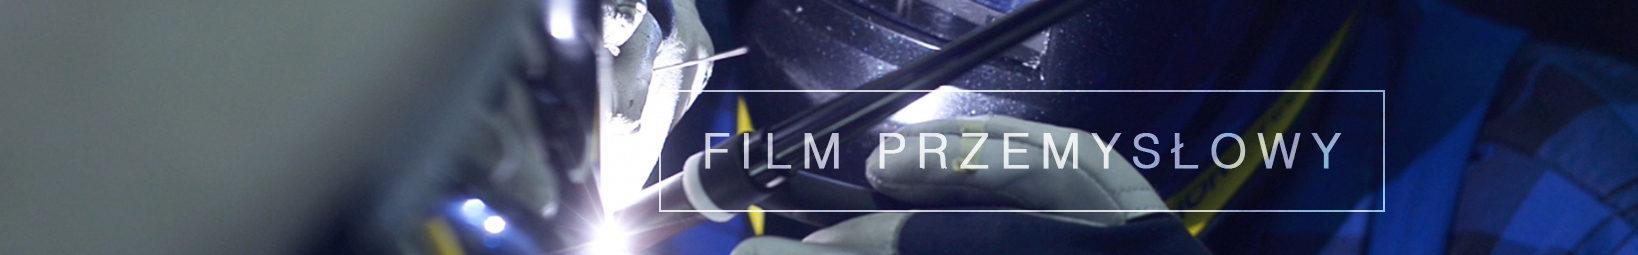 Film przemysłowy | MK